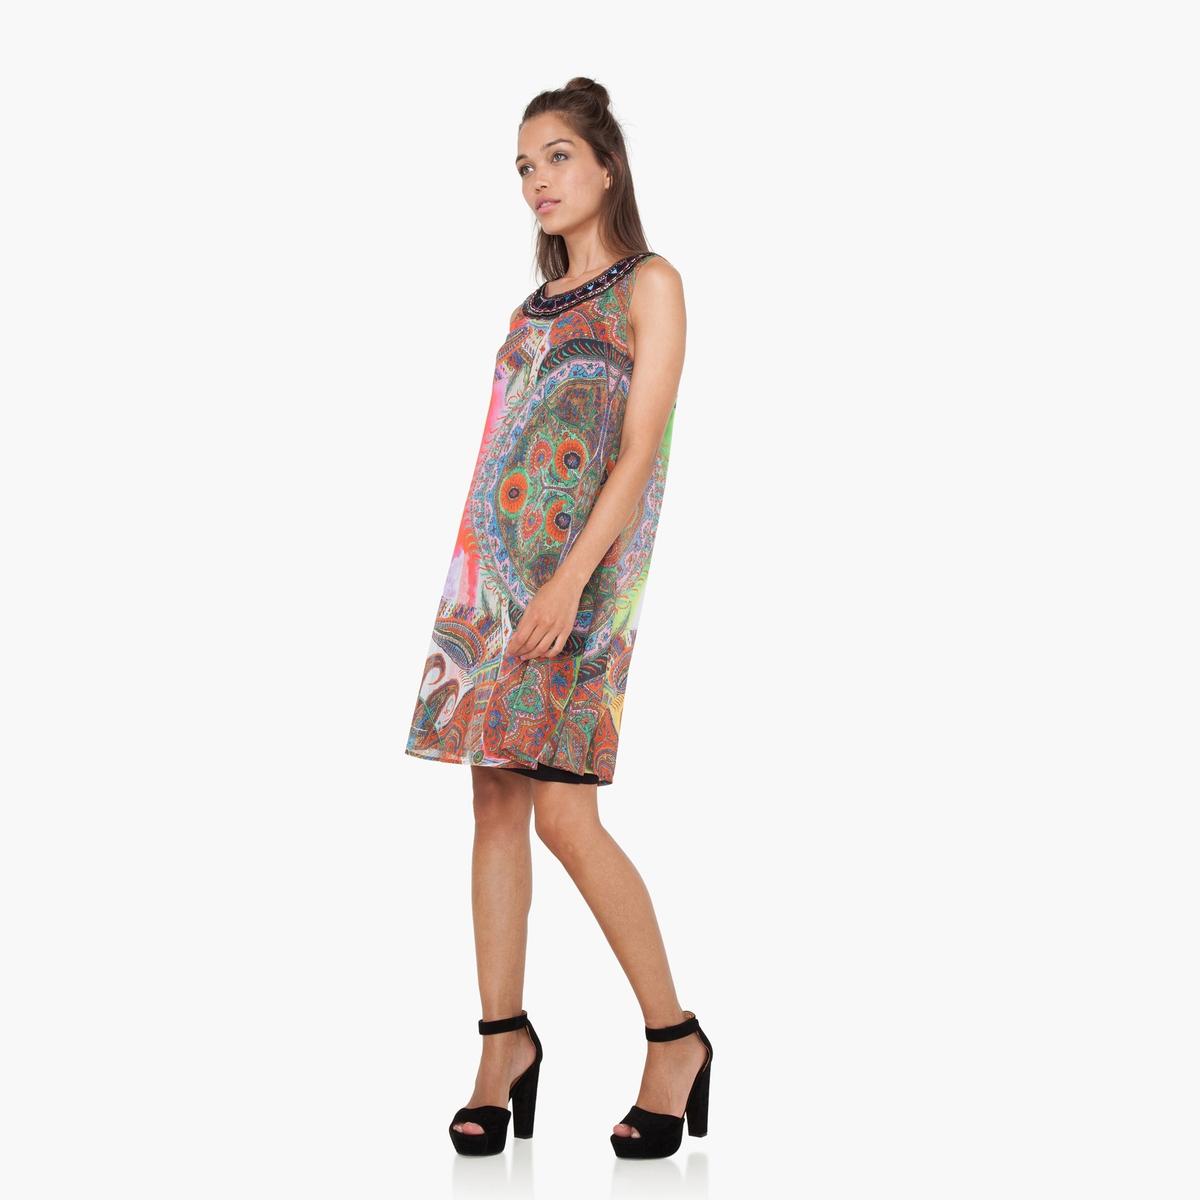 Платье короткое без рукавов с рисункомДетали  •  Форма : средняя •  Короткое •  Без рукавов    •  Круглый вырез •  Рисунок-принт Состав и уход •  100% полиэстер •  Следуйте советам по уходу, указанным на этикетке<br><br>Цвет: разноцветный<br>Размер: 38 (FR) - 44 (RUS)